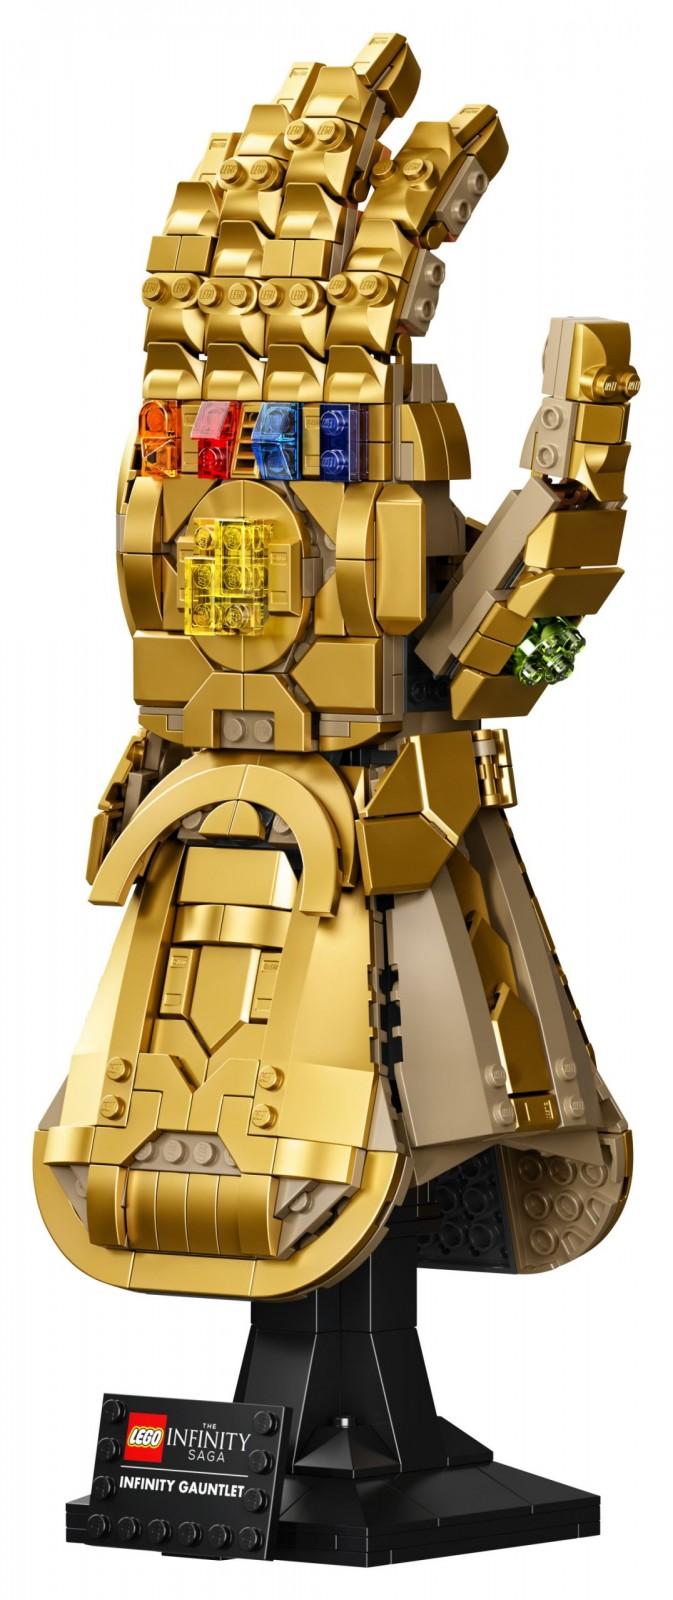 Lego anuncia set de construcción del Guantelete del Infinito de Los Vengadores 1